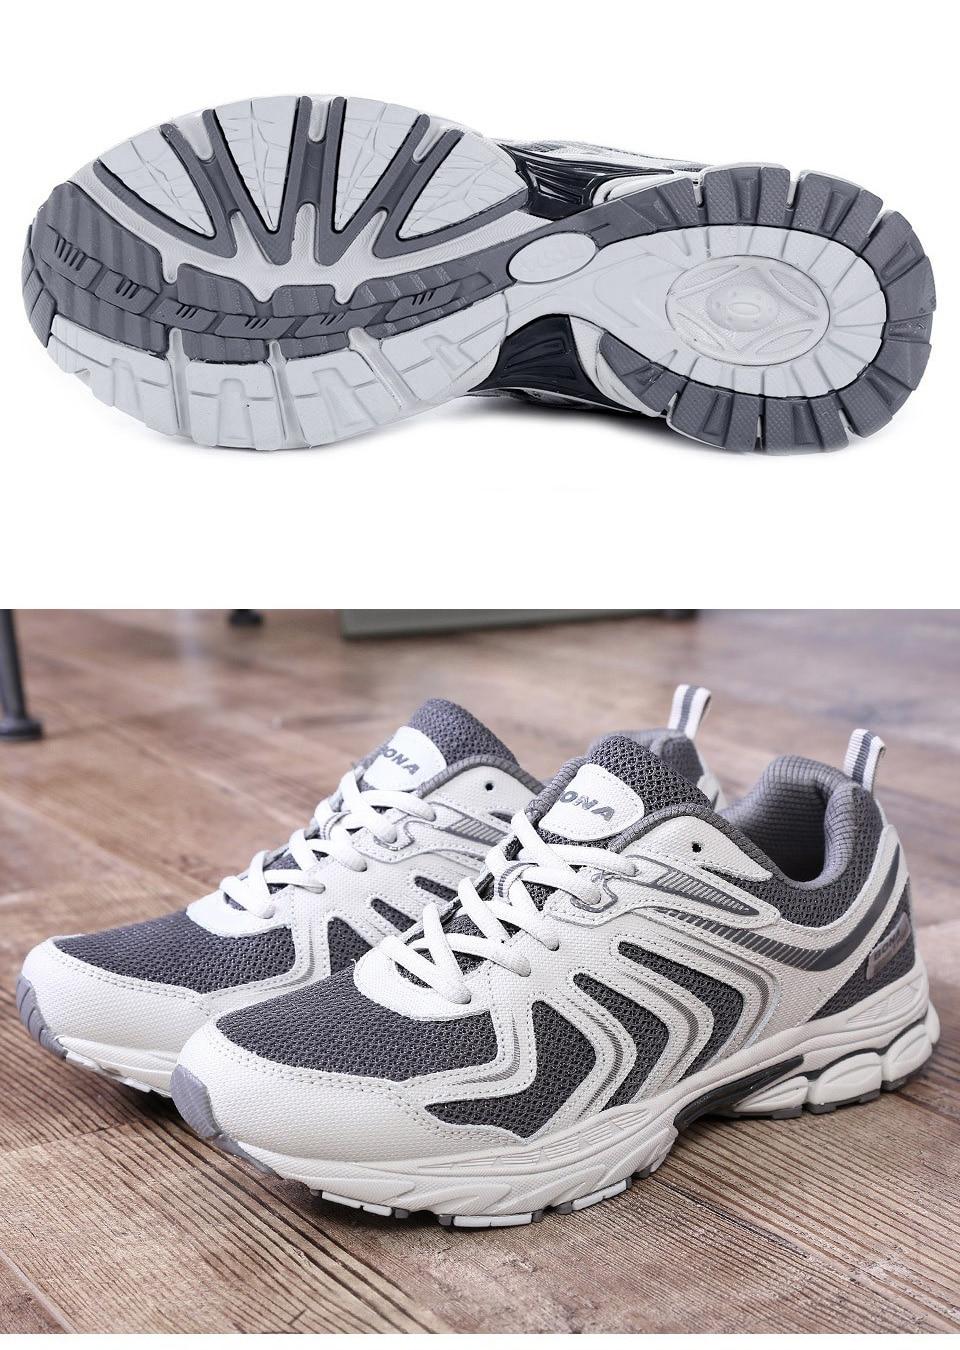 Hecb1fb1c21994f11b945cb2c274ba3fdI BONA New Fashion Style Men shoes Casual Shoes Men Loafers Men Outdoor Sneakers Shoes Mesh Men Flats Free Shipping